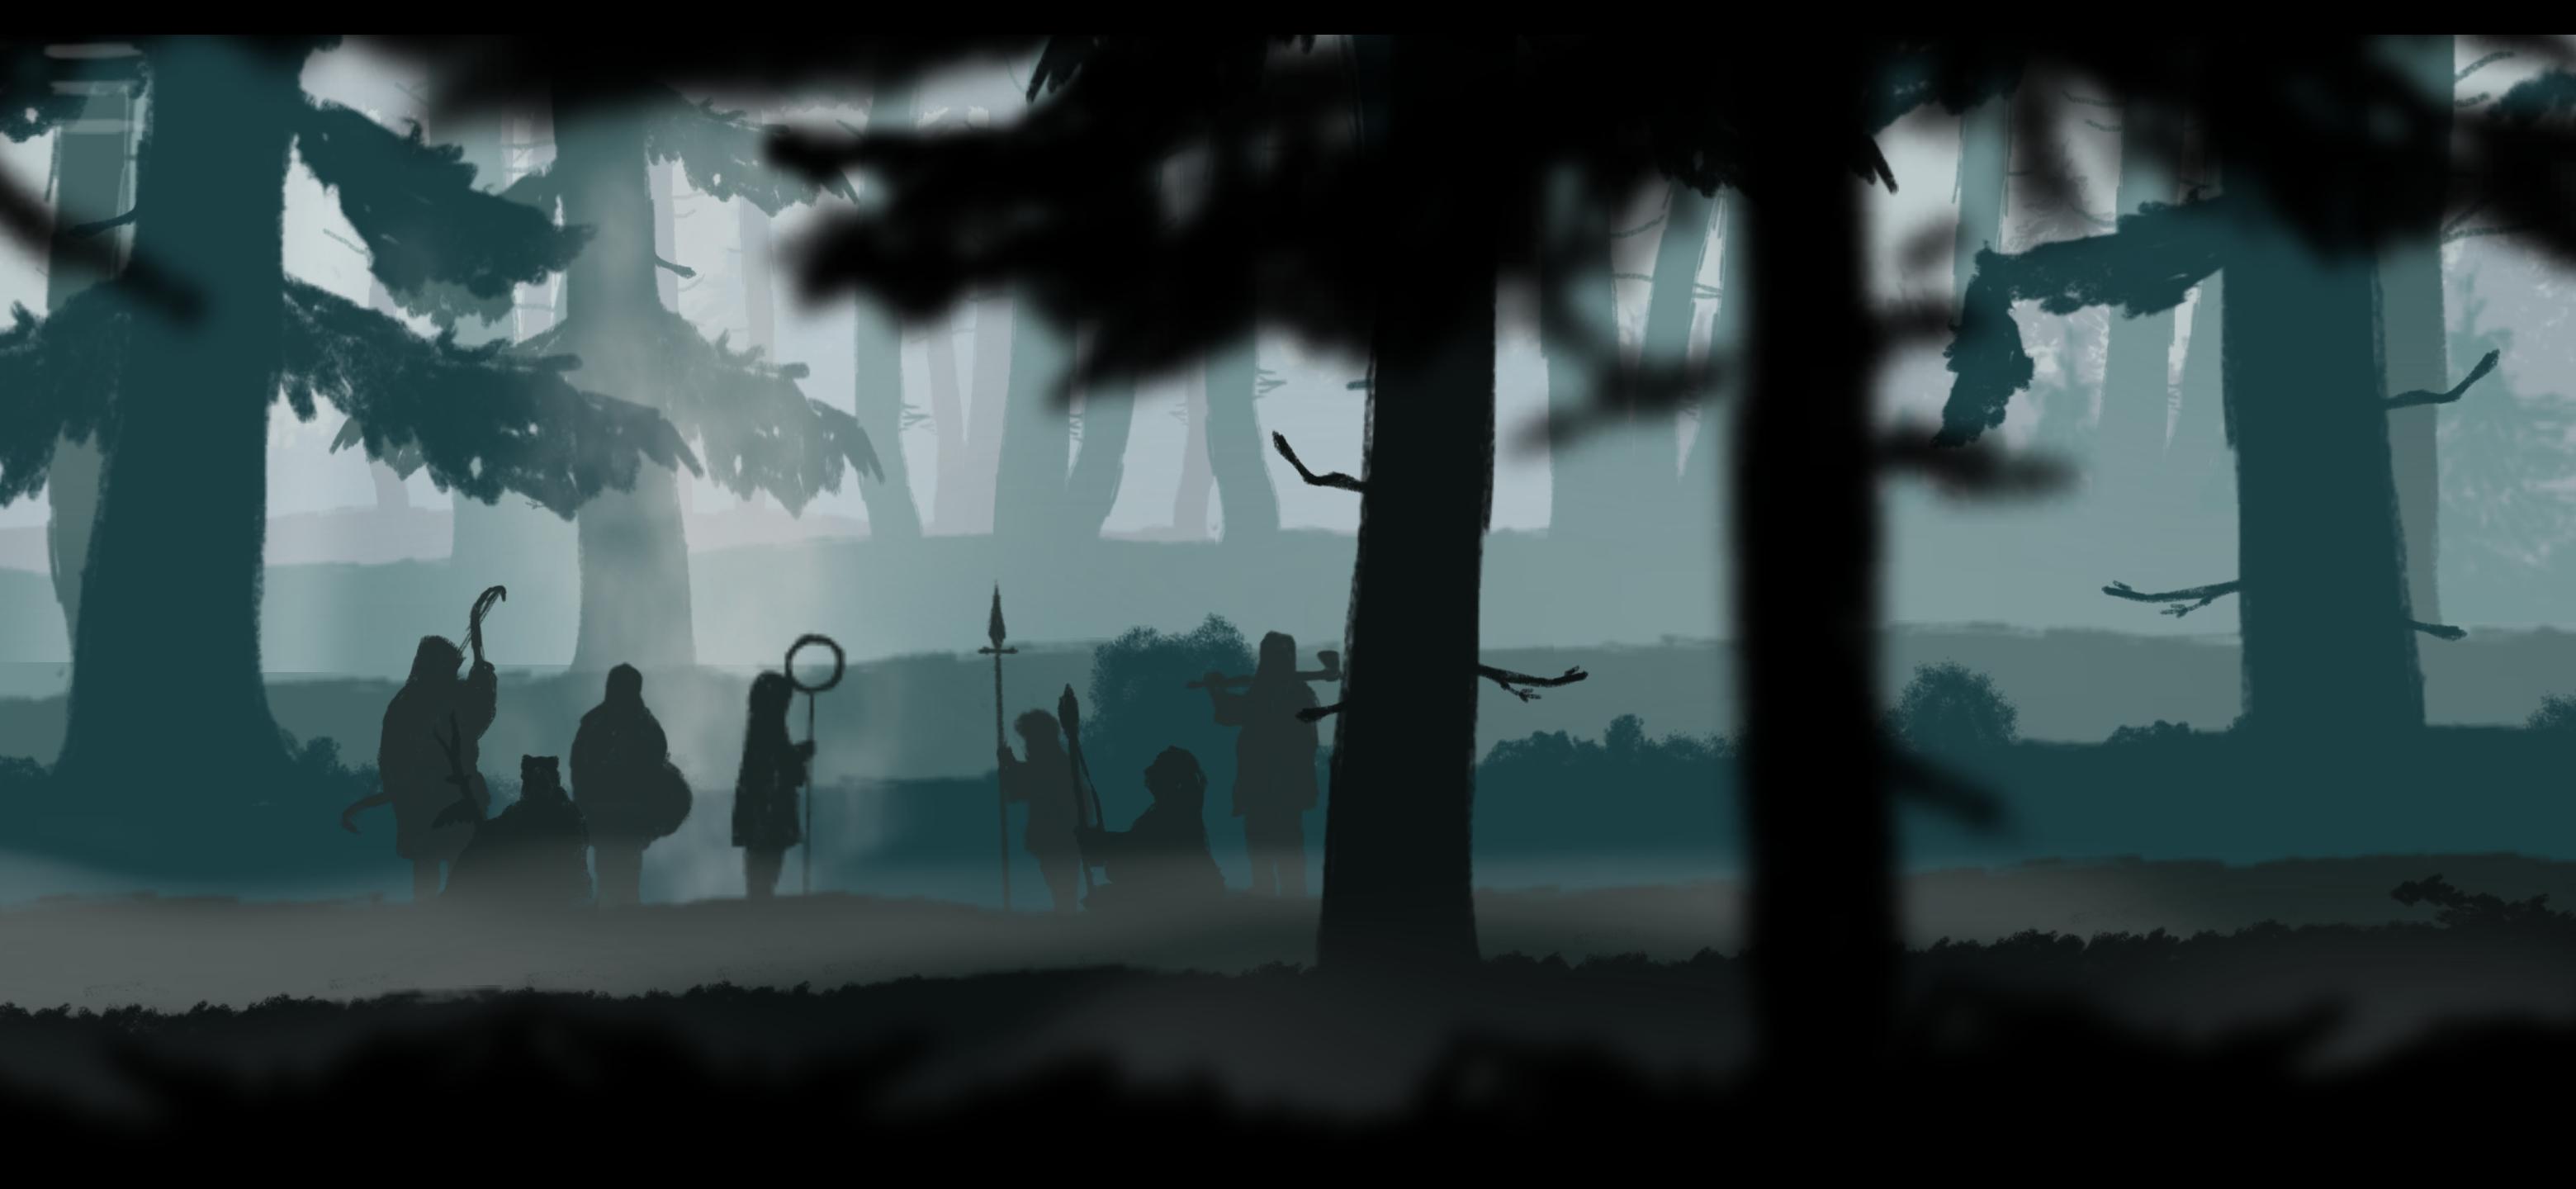 日常安利《麋鹿人》奇异神话中的孤独行者